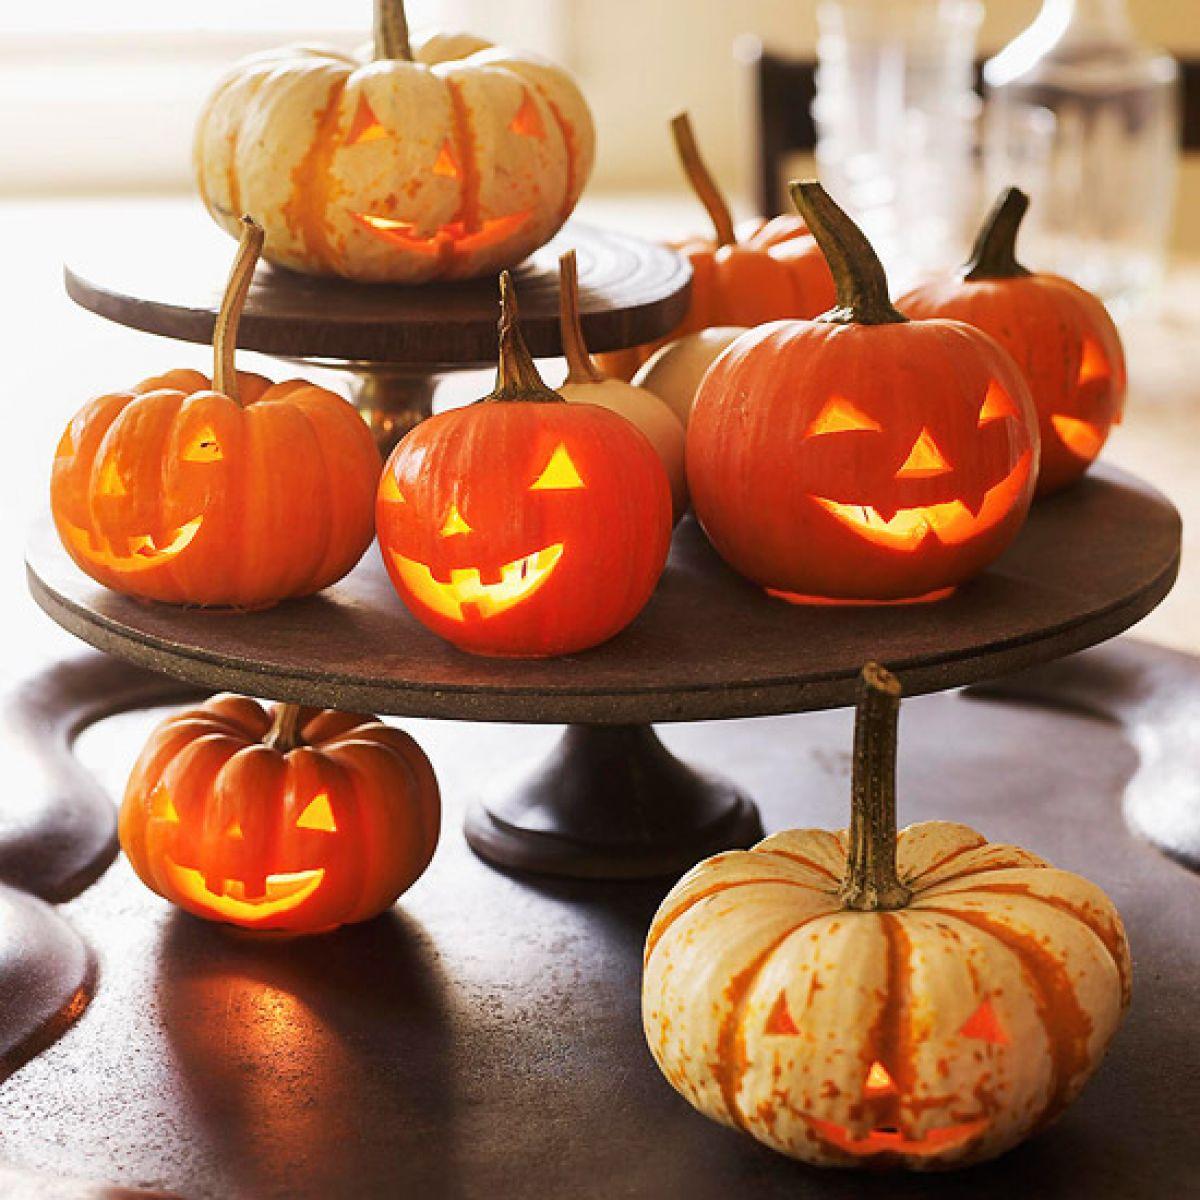 Mini pumpkin decorating ideas - 50 Best Halloween Table Decoration Ideas For 2017 50 Best Halloween Table Decoration Ideas For 2017